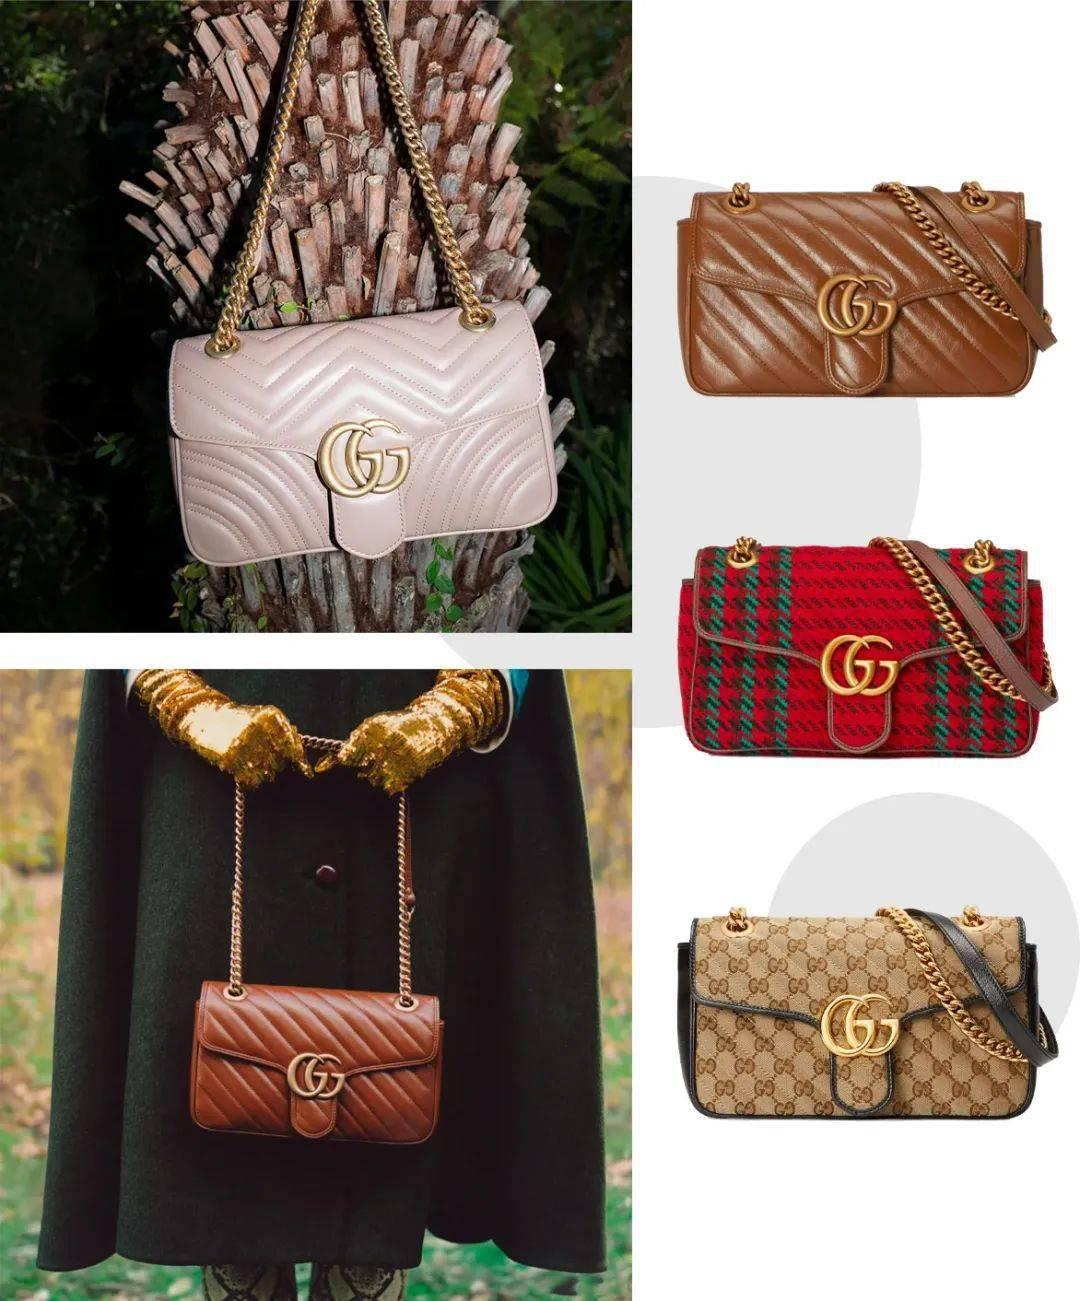 Gucci最火爆的包包推出新款,年终奖就给它!